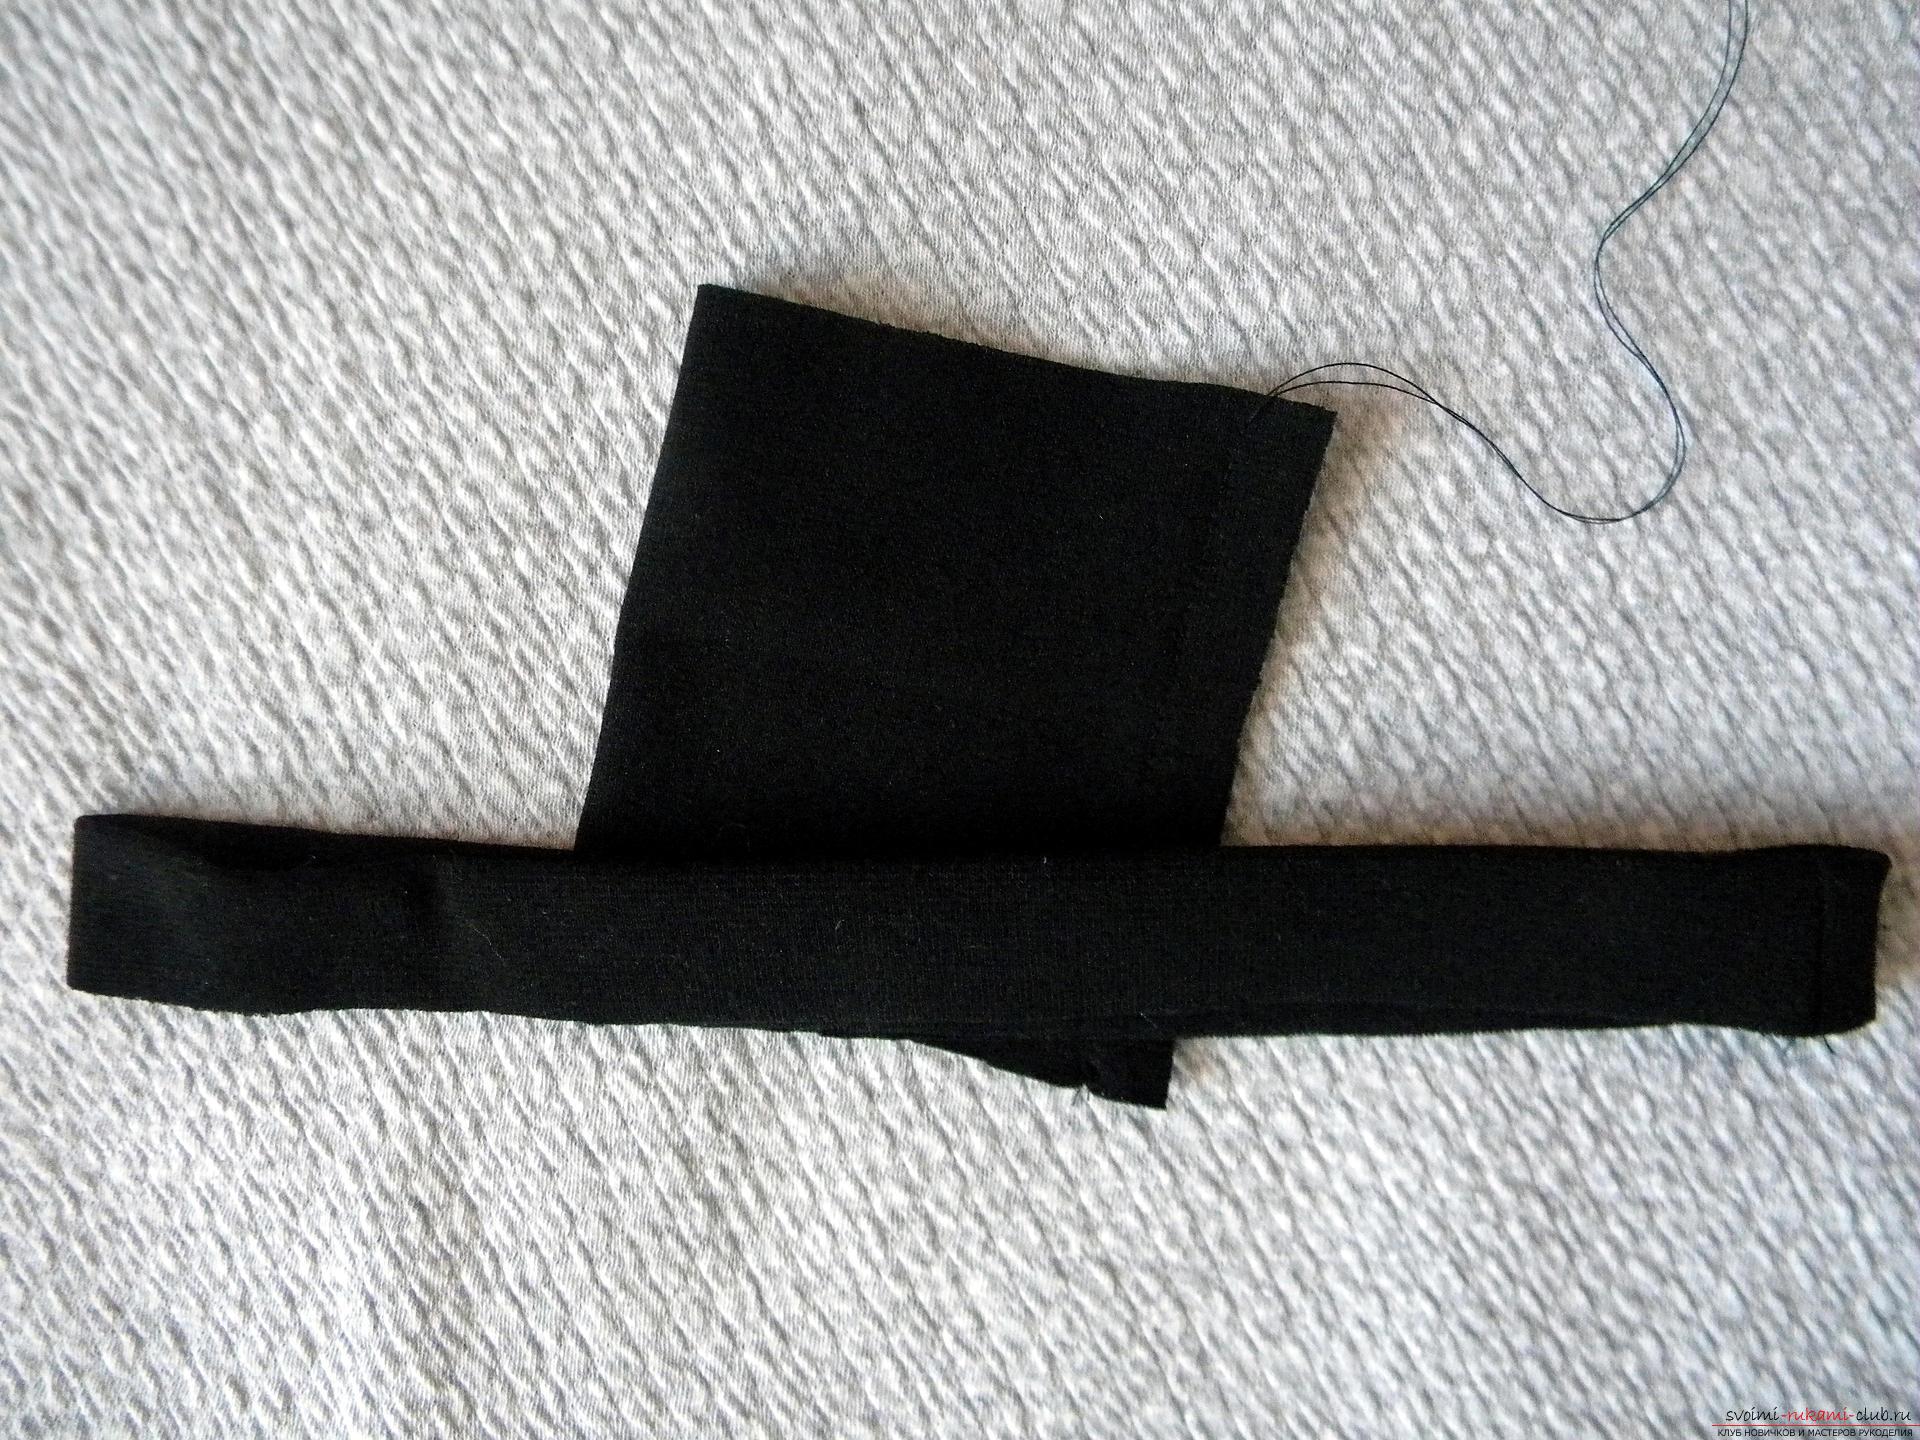 Этот подробный мастер-класс шитья научит как сшить своими руками кофту из трикотажа. Фото №4